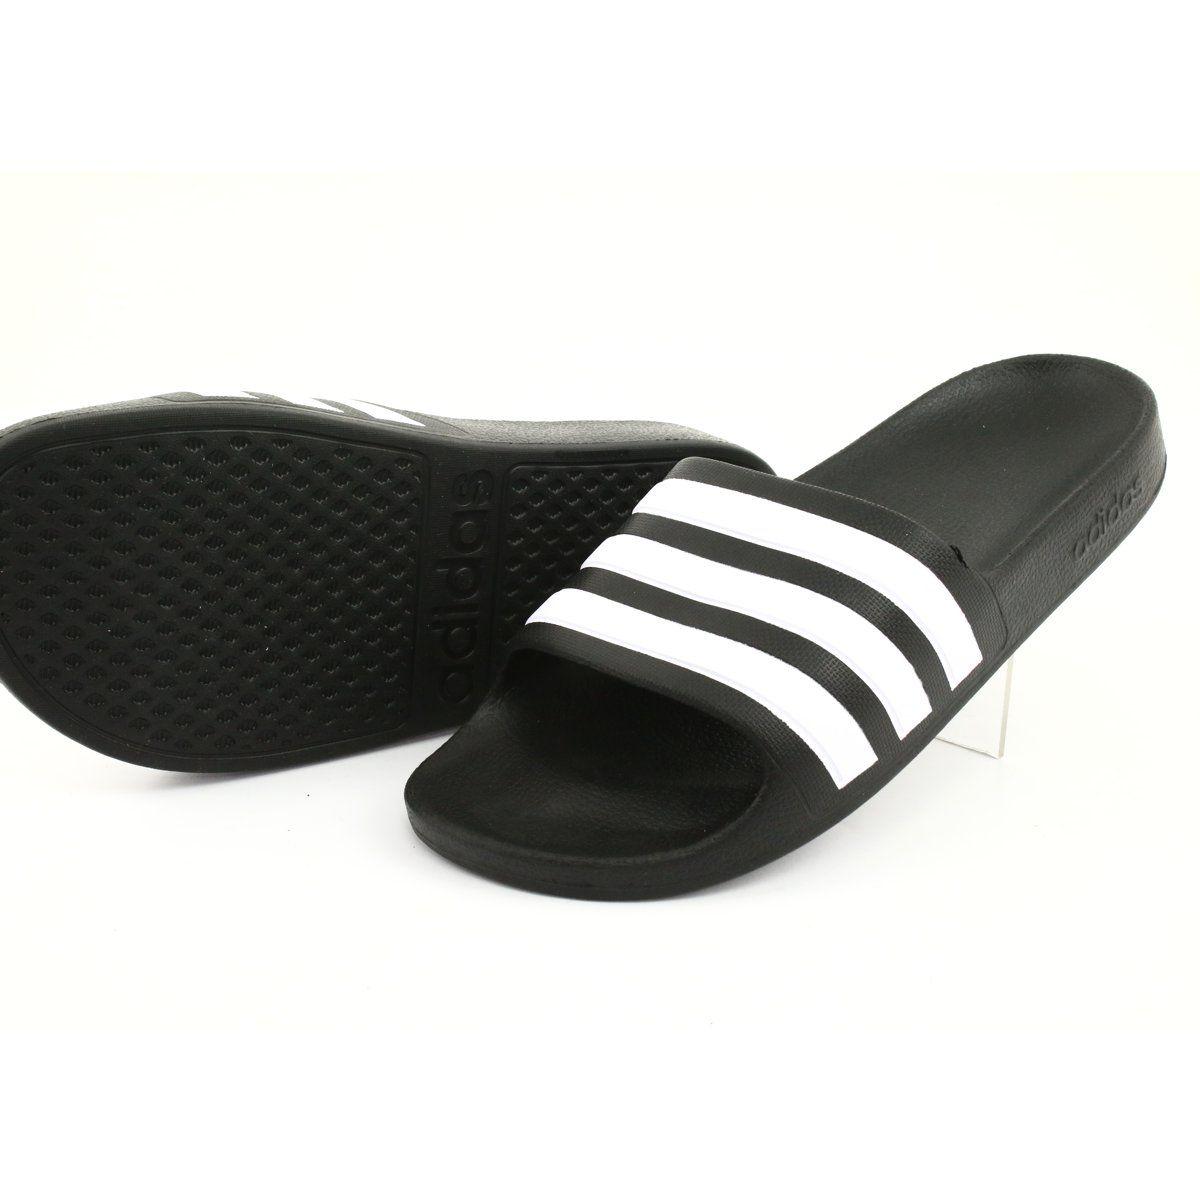 Klapki Adidas Adilette Aqua K Jr F35556 Biale Czarne Womens Slippers Adidas Adilette Sport Slippers